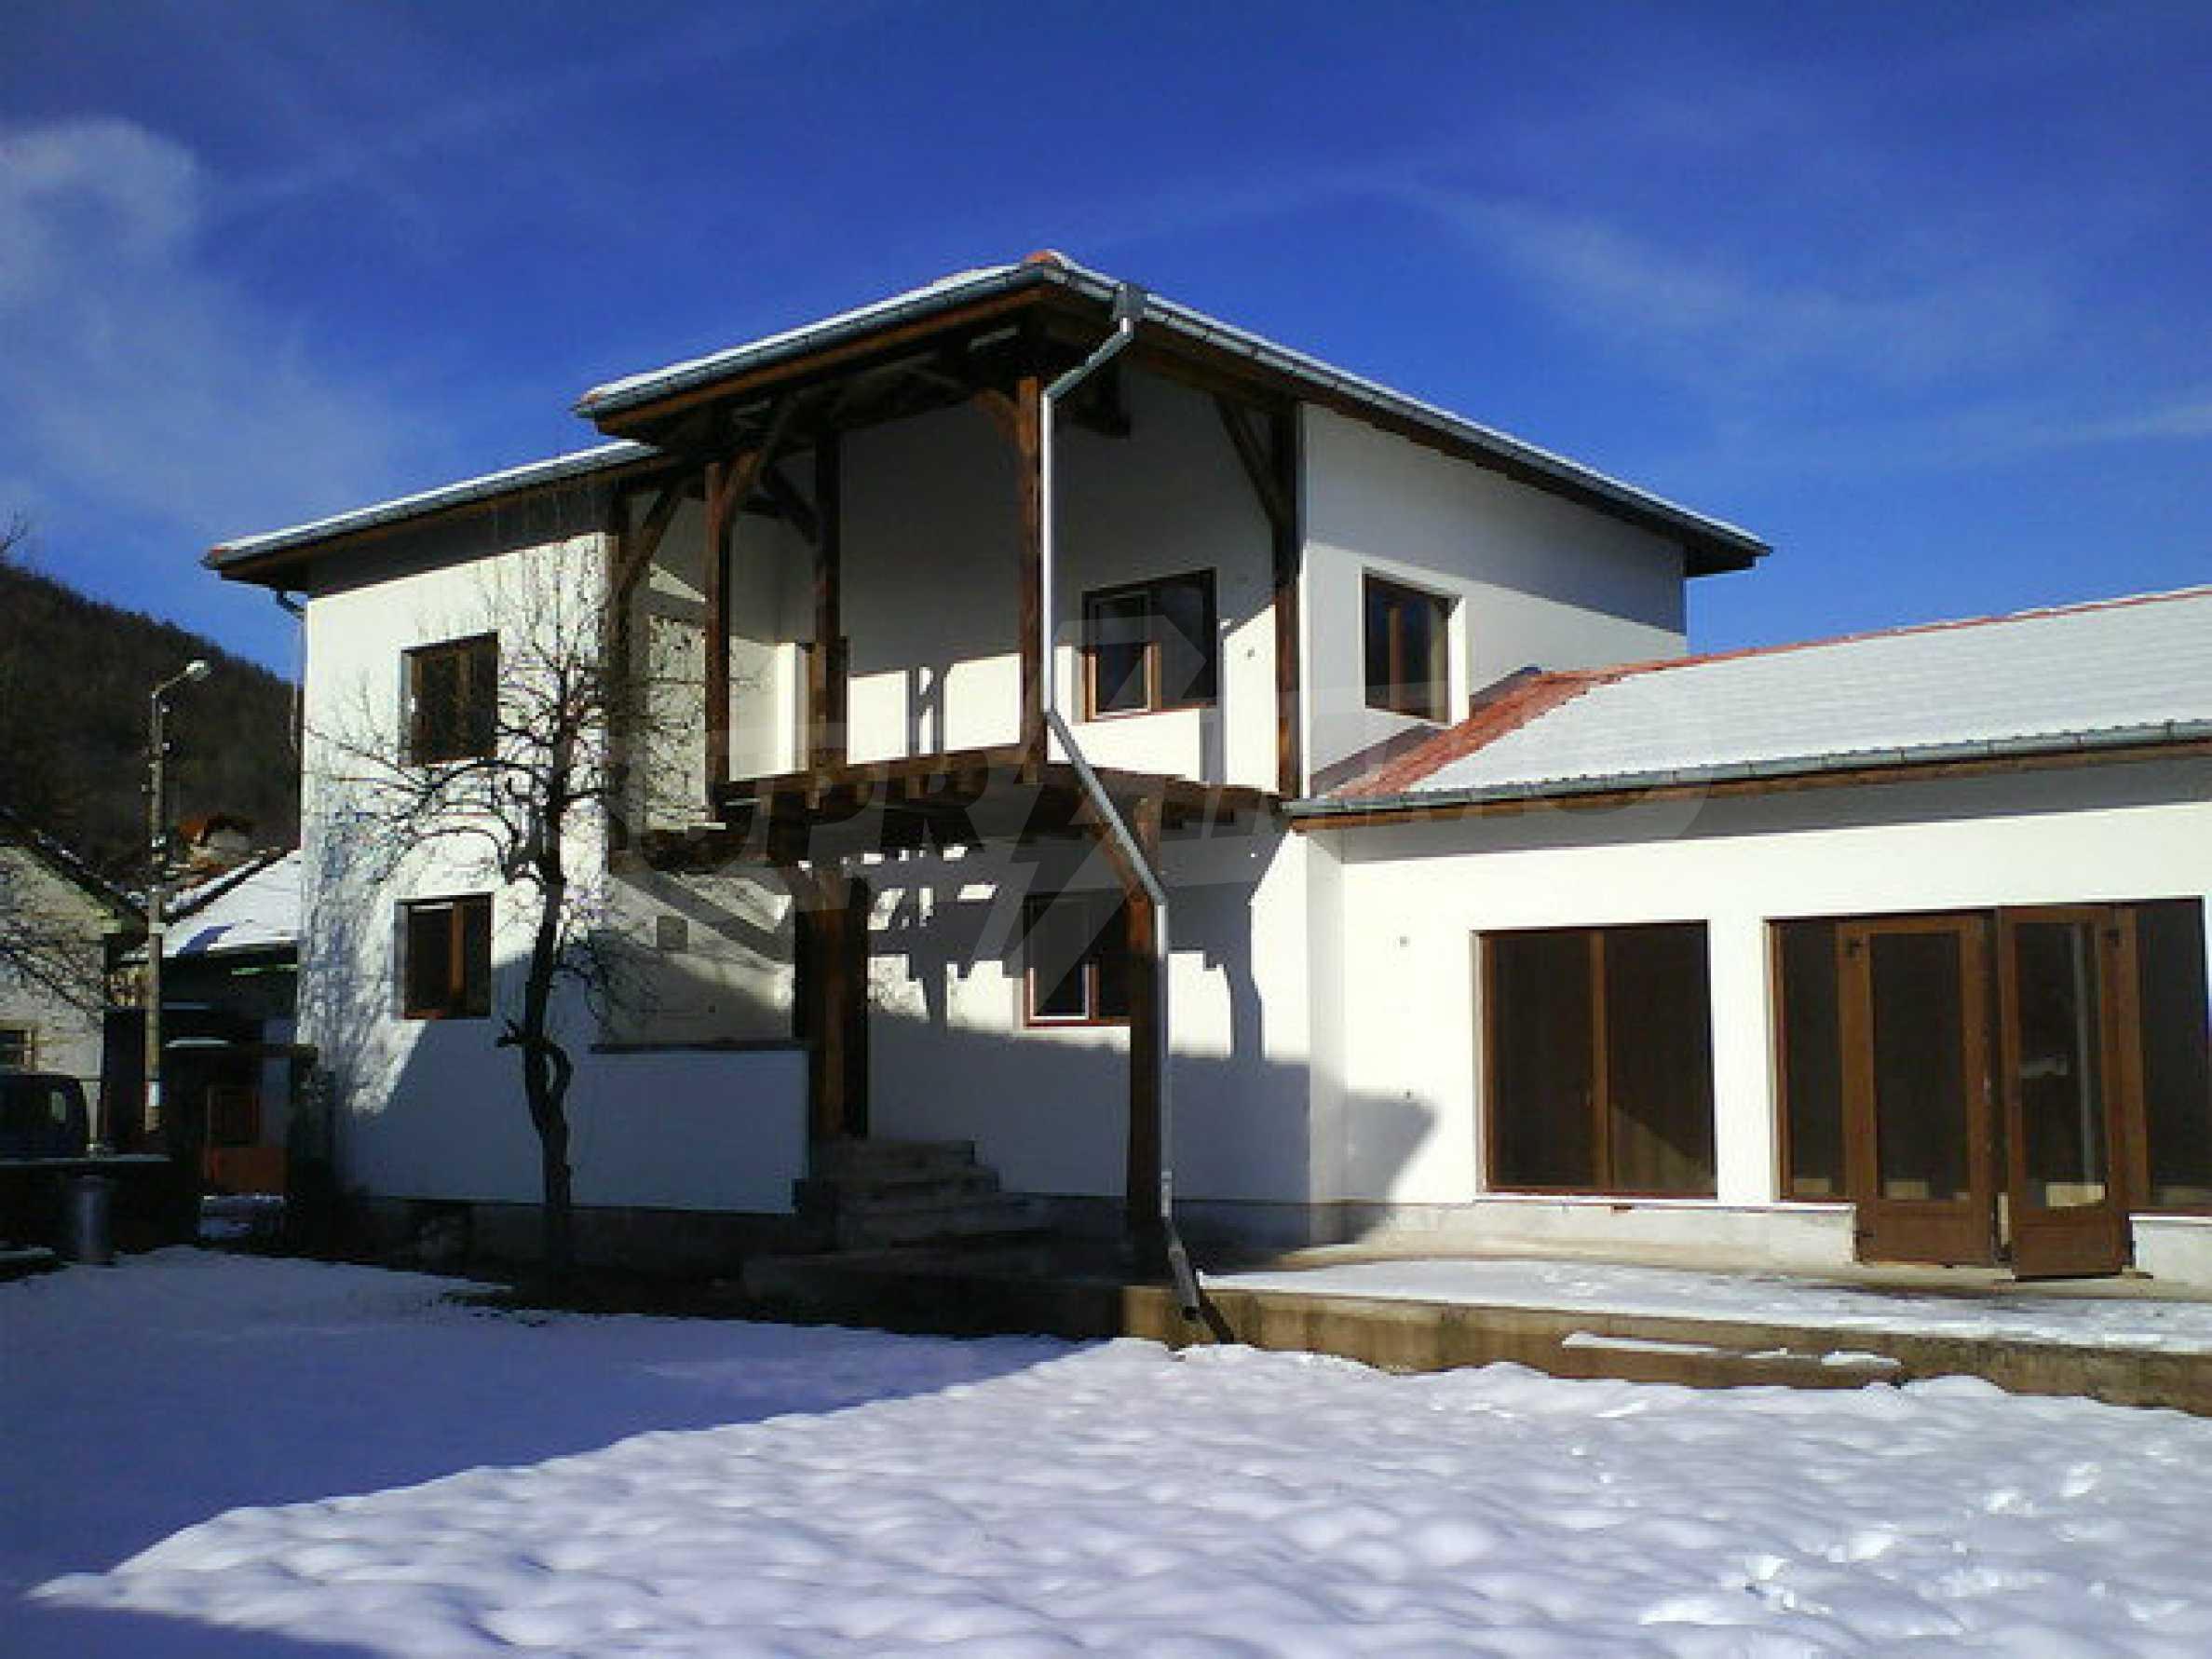 Zweistöckiges Haus mit Hof in einem Dorf in der Nähe von Sopot Damm